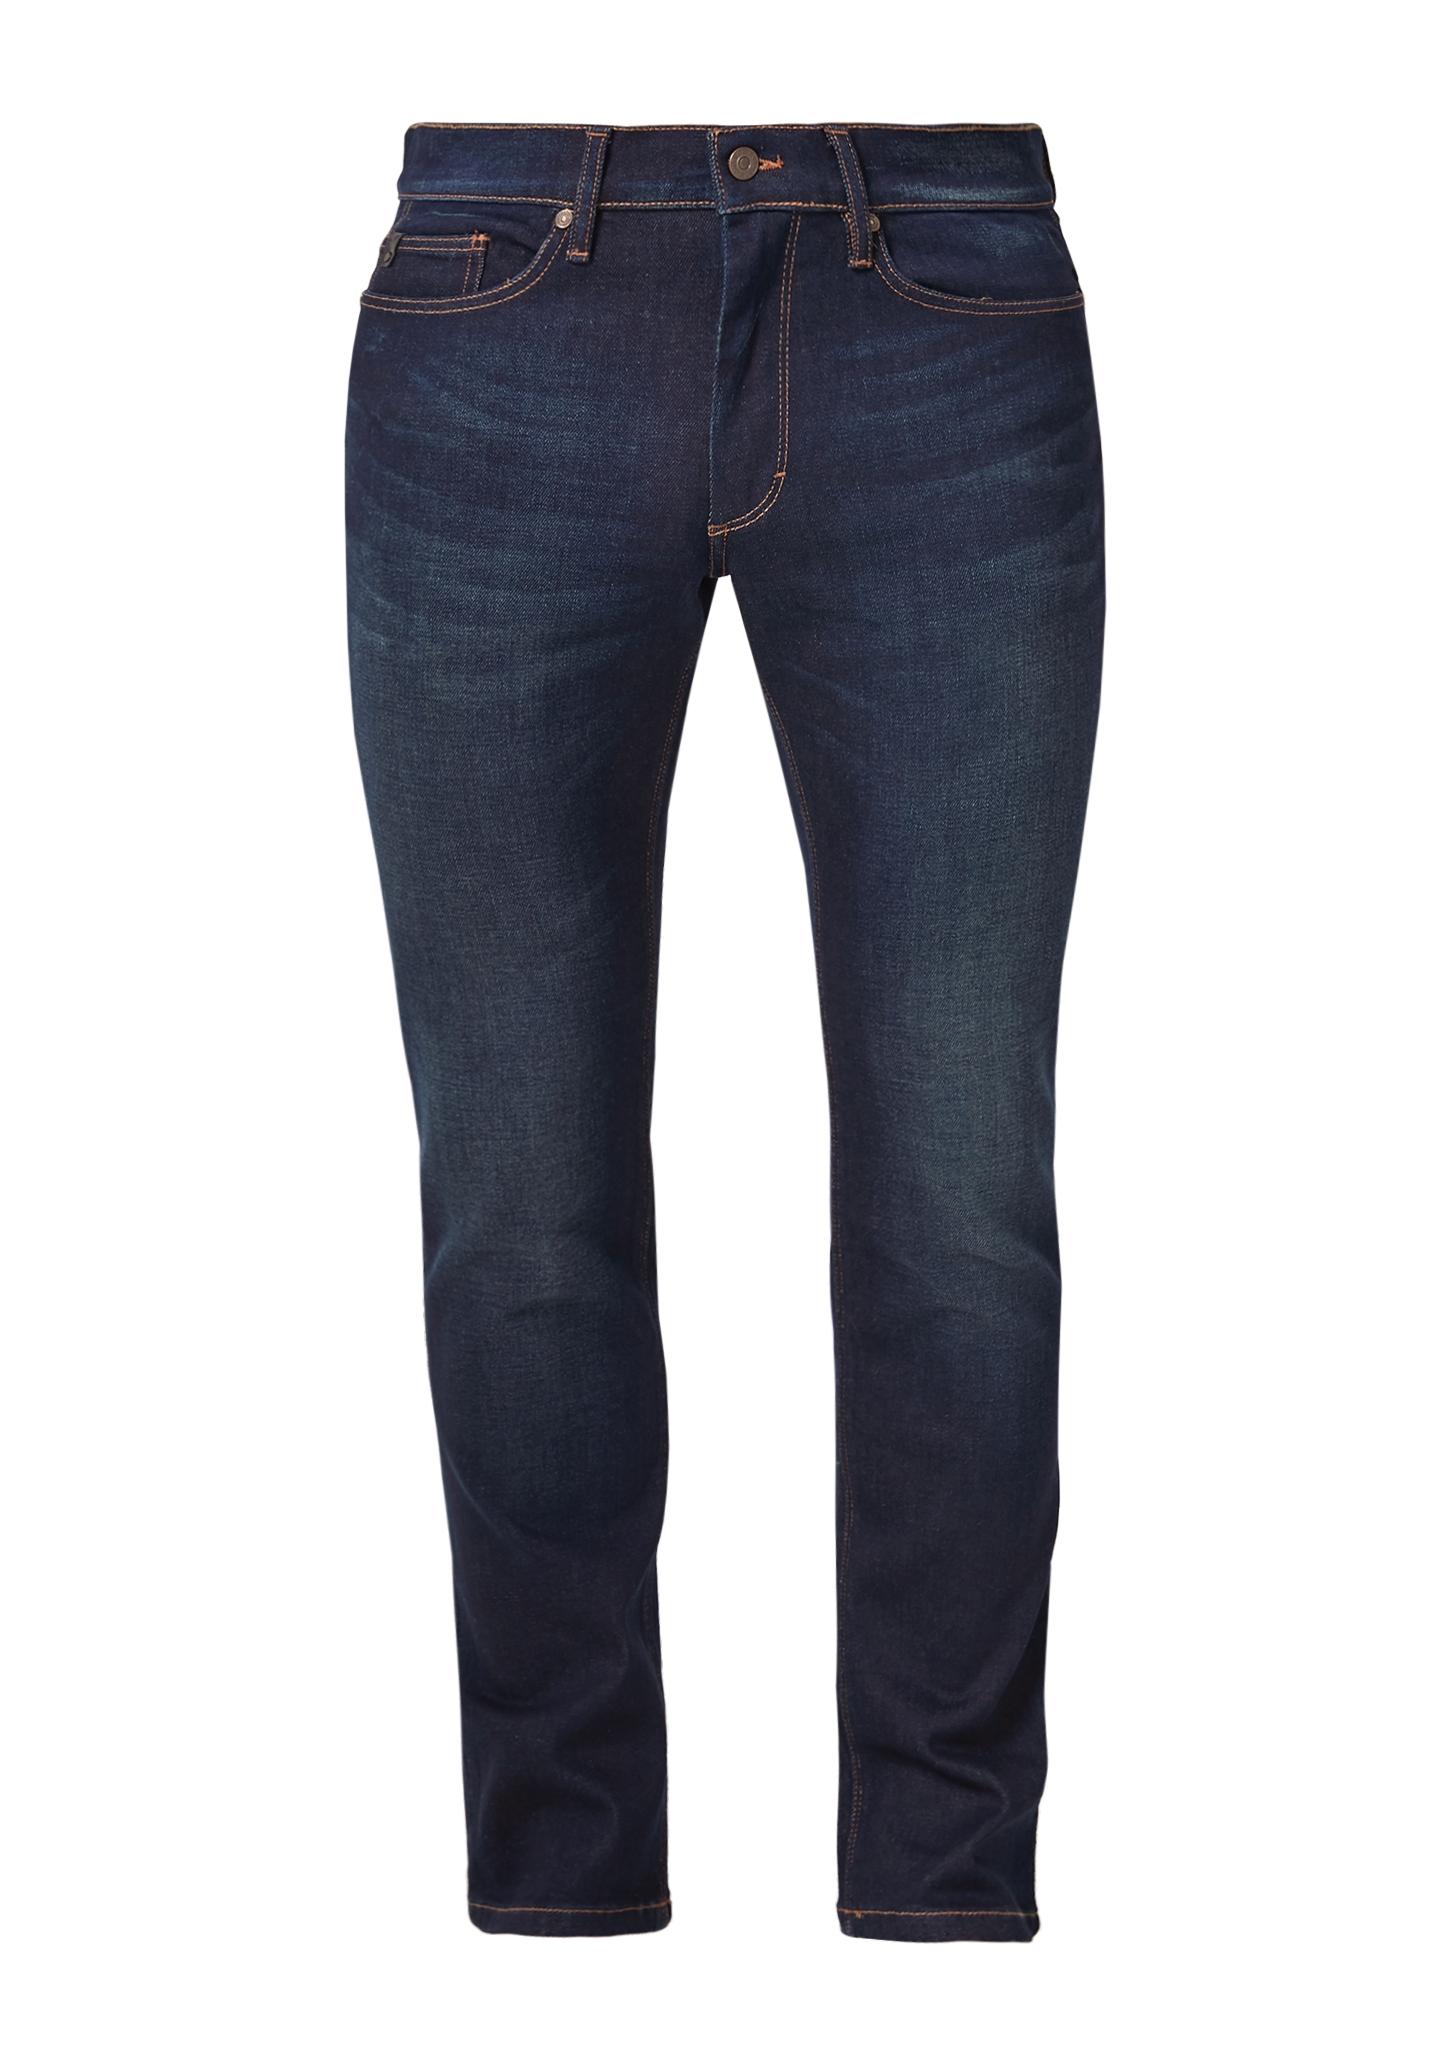 Stretchjeans | Bekleidung > Jeans > Sonstige Jeans | Blau | Oberstoff: 99% baumwolle -  1% elasthan| futter: 65% polyester -  35% baumwolle| enthält nichttextile teile tierischen ursprungs (lederpatch) | s.Oliver